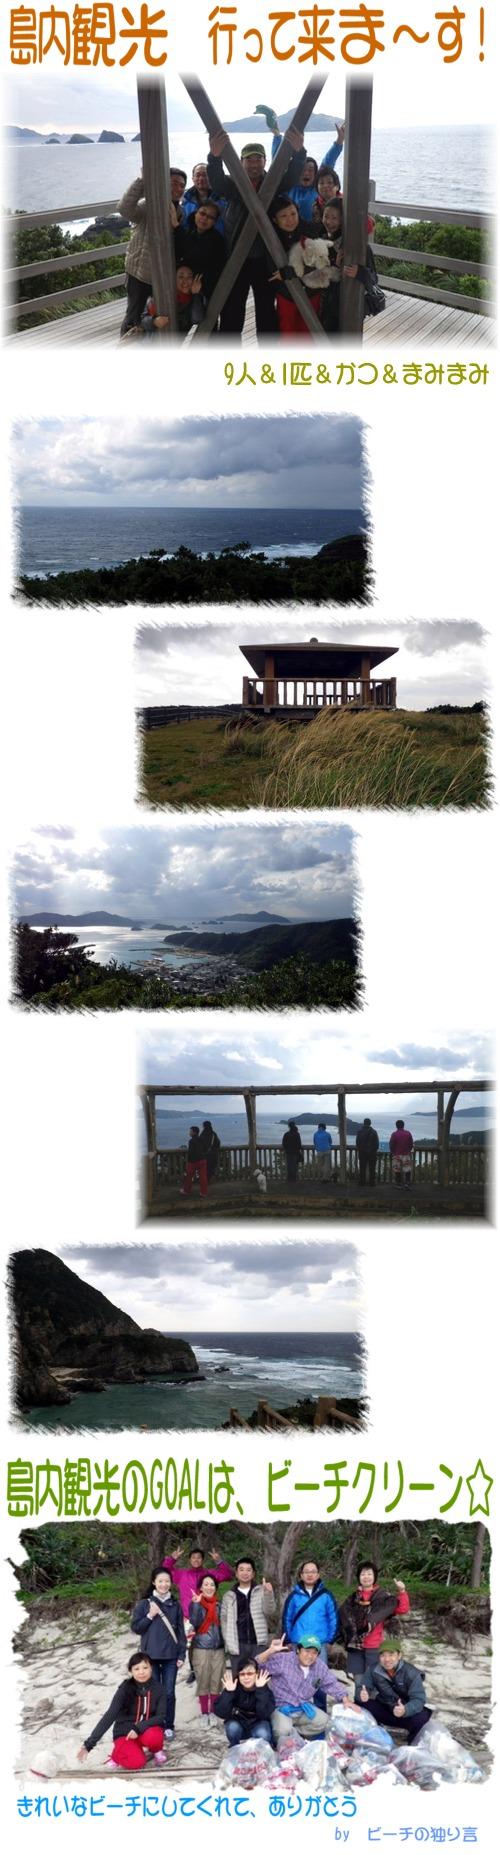 島内観光&ビーチクリーン